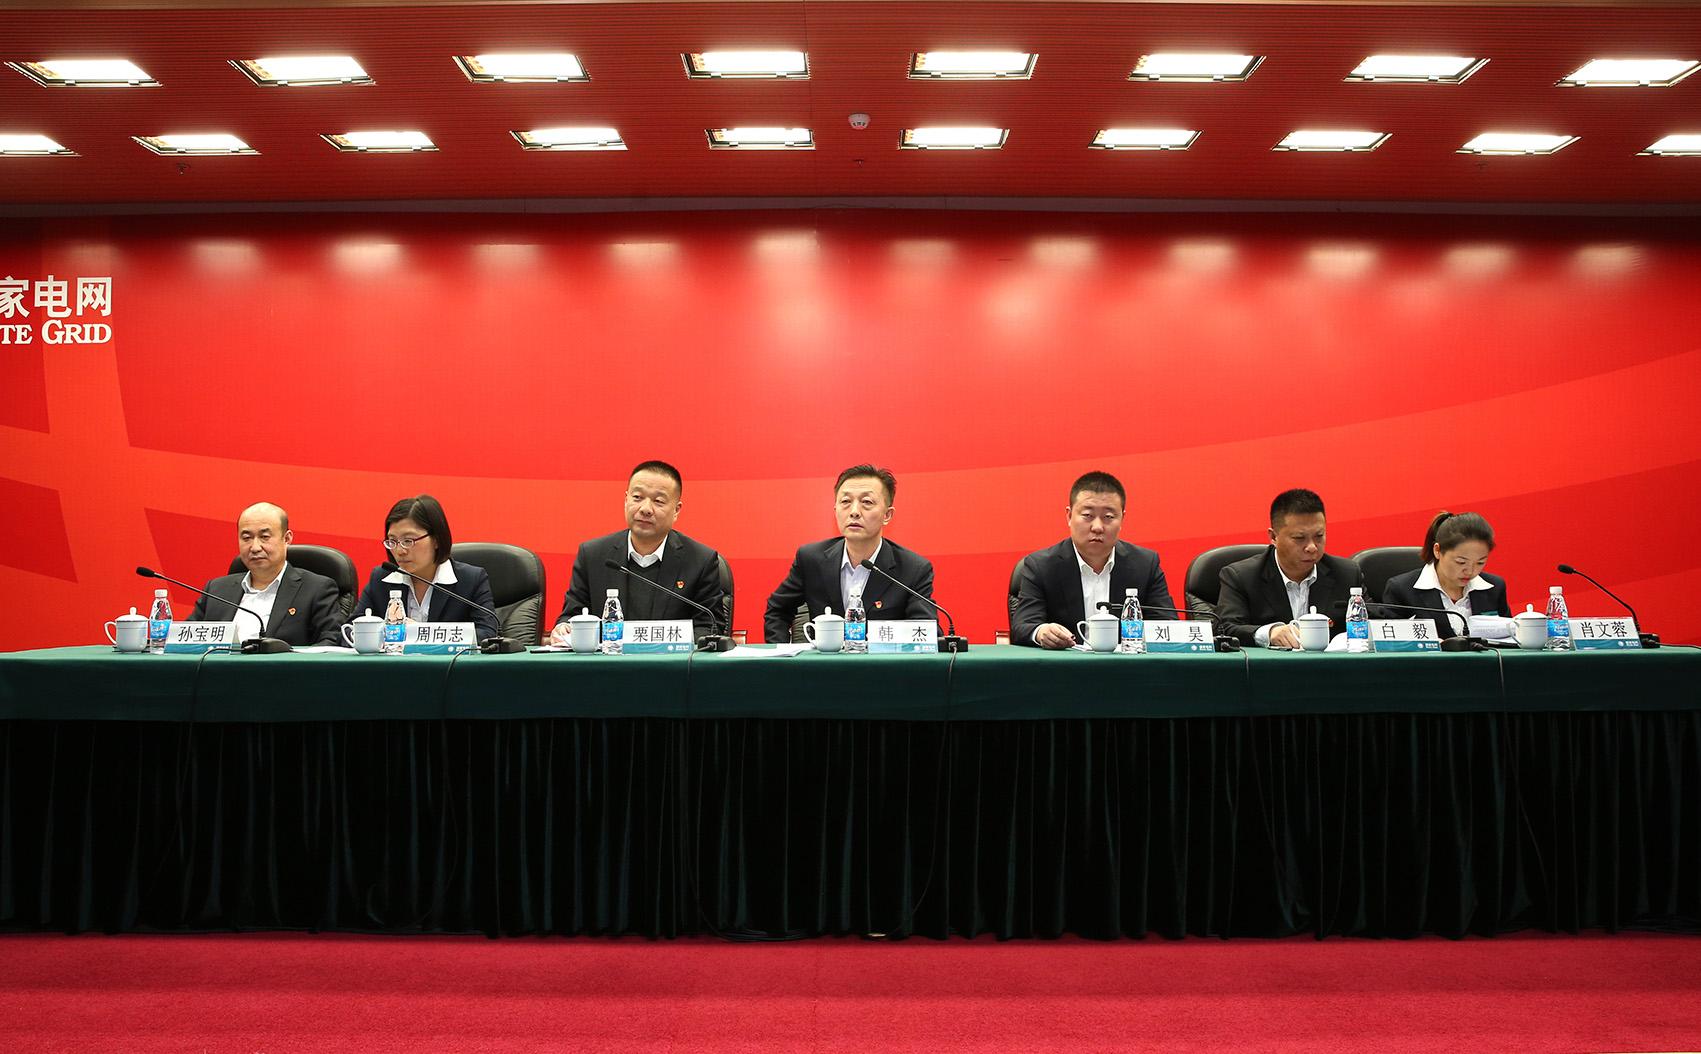 天津诚瑞达物业集团北京分公司培训服务中心召开2019年员工大会